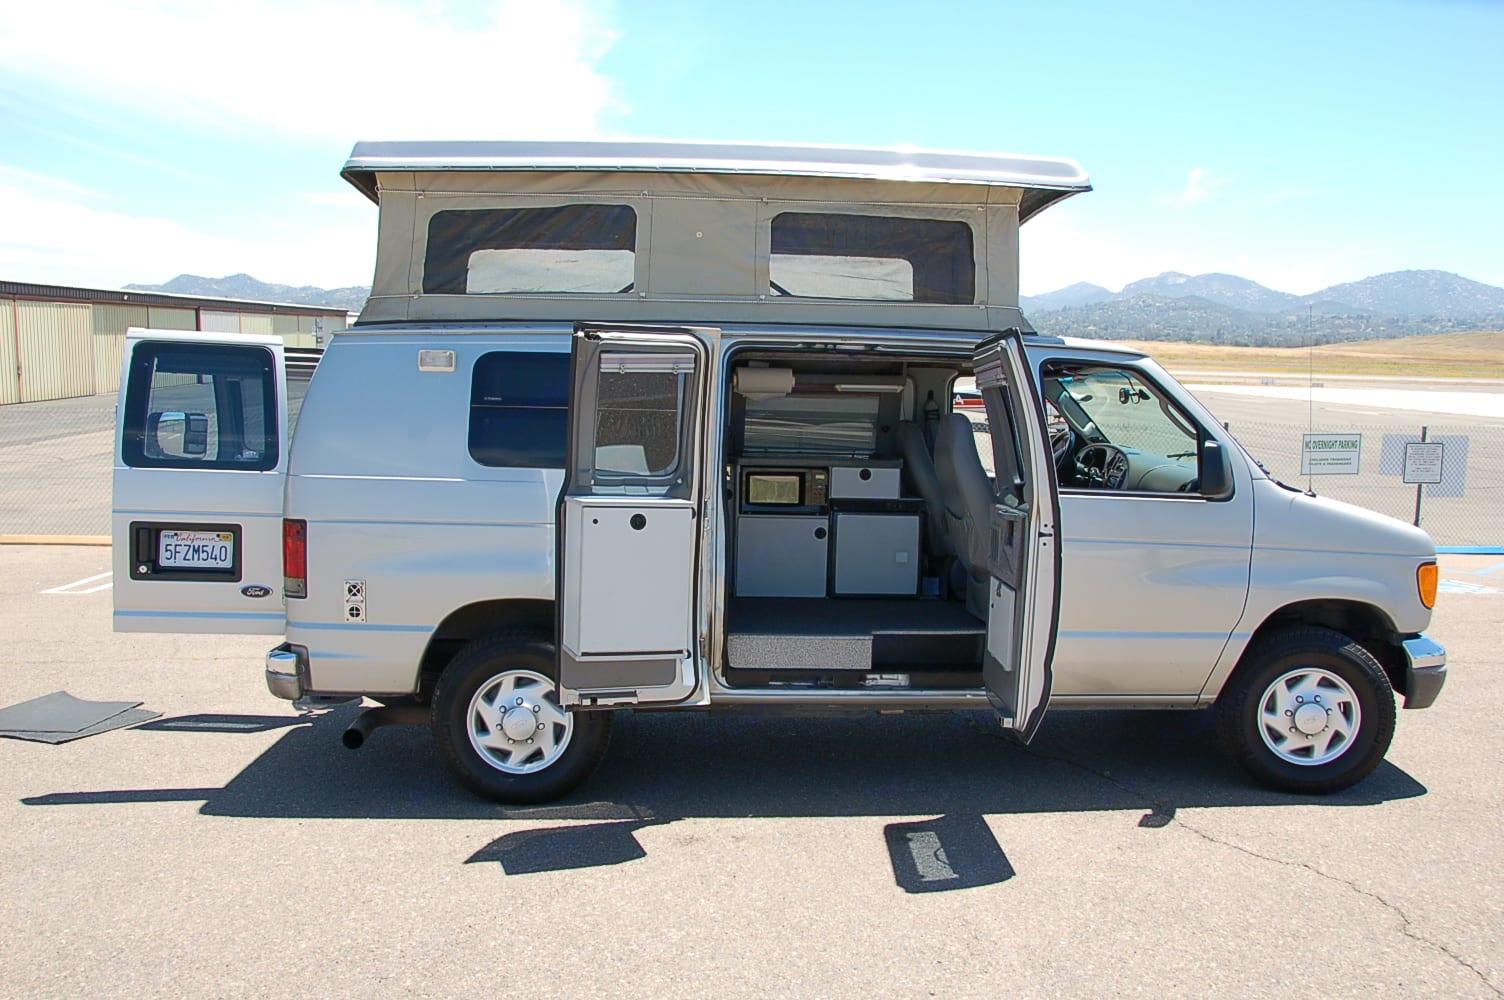 Sportsmobile E350 2003